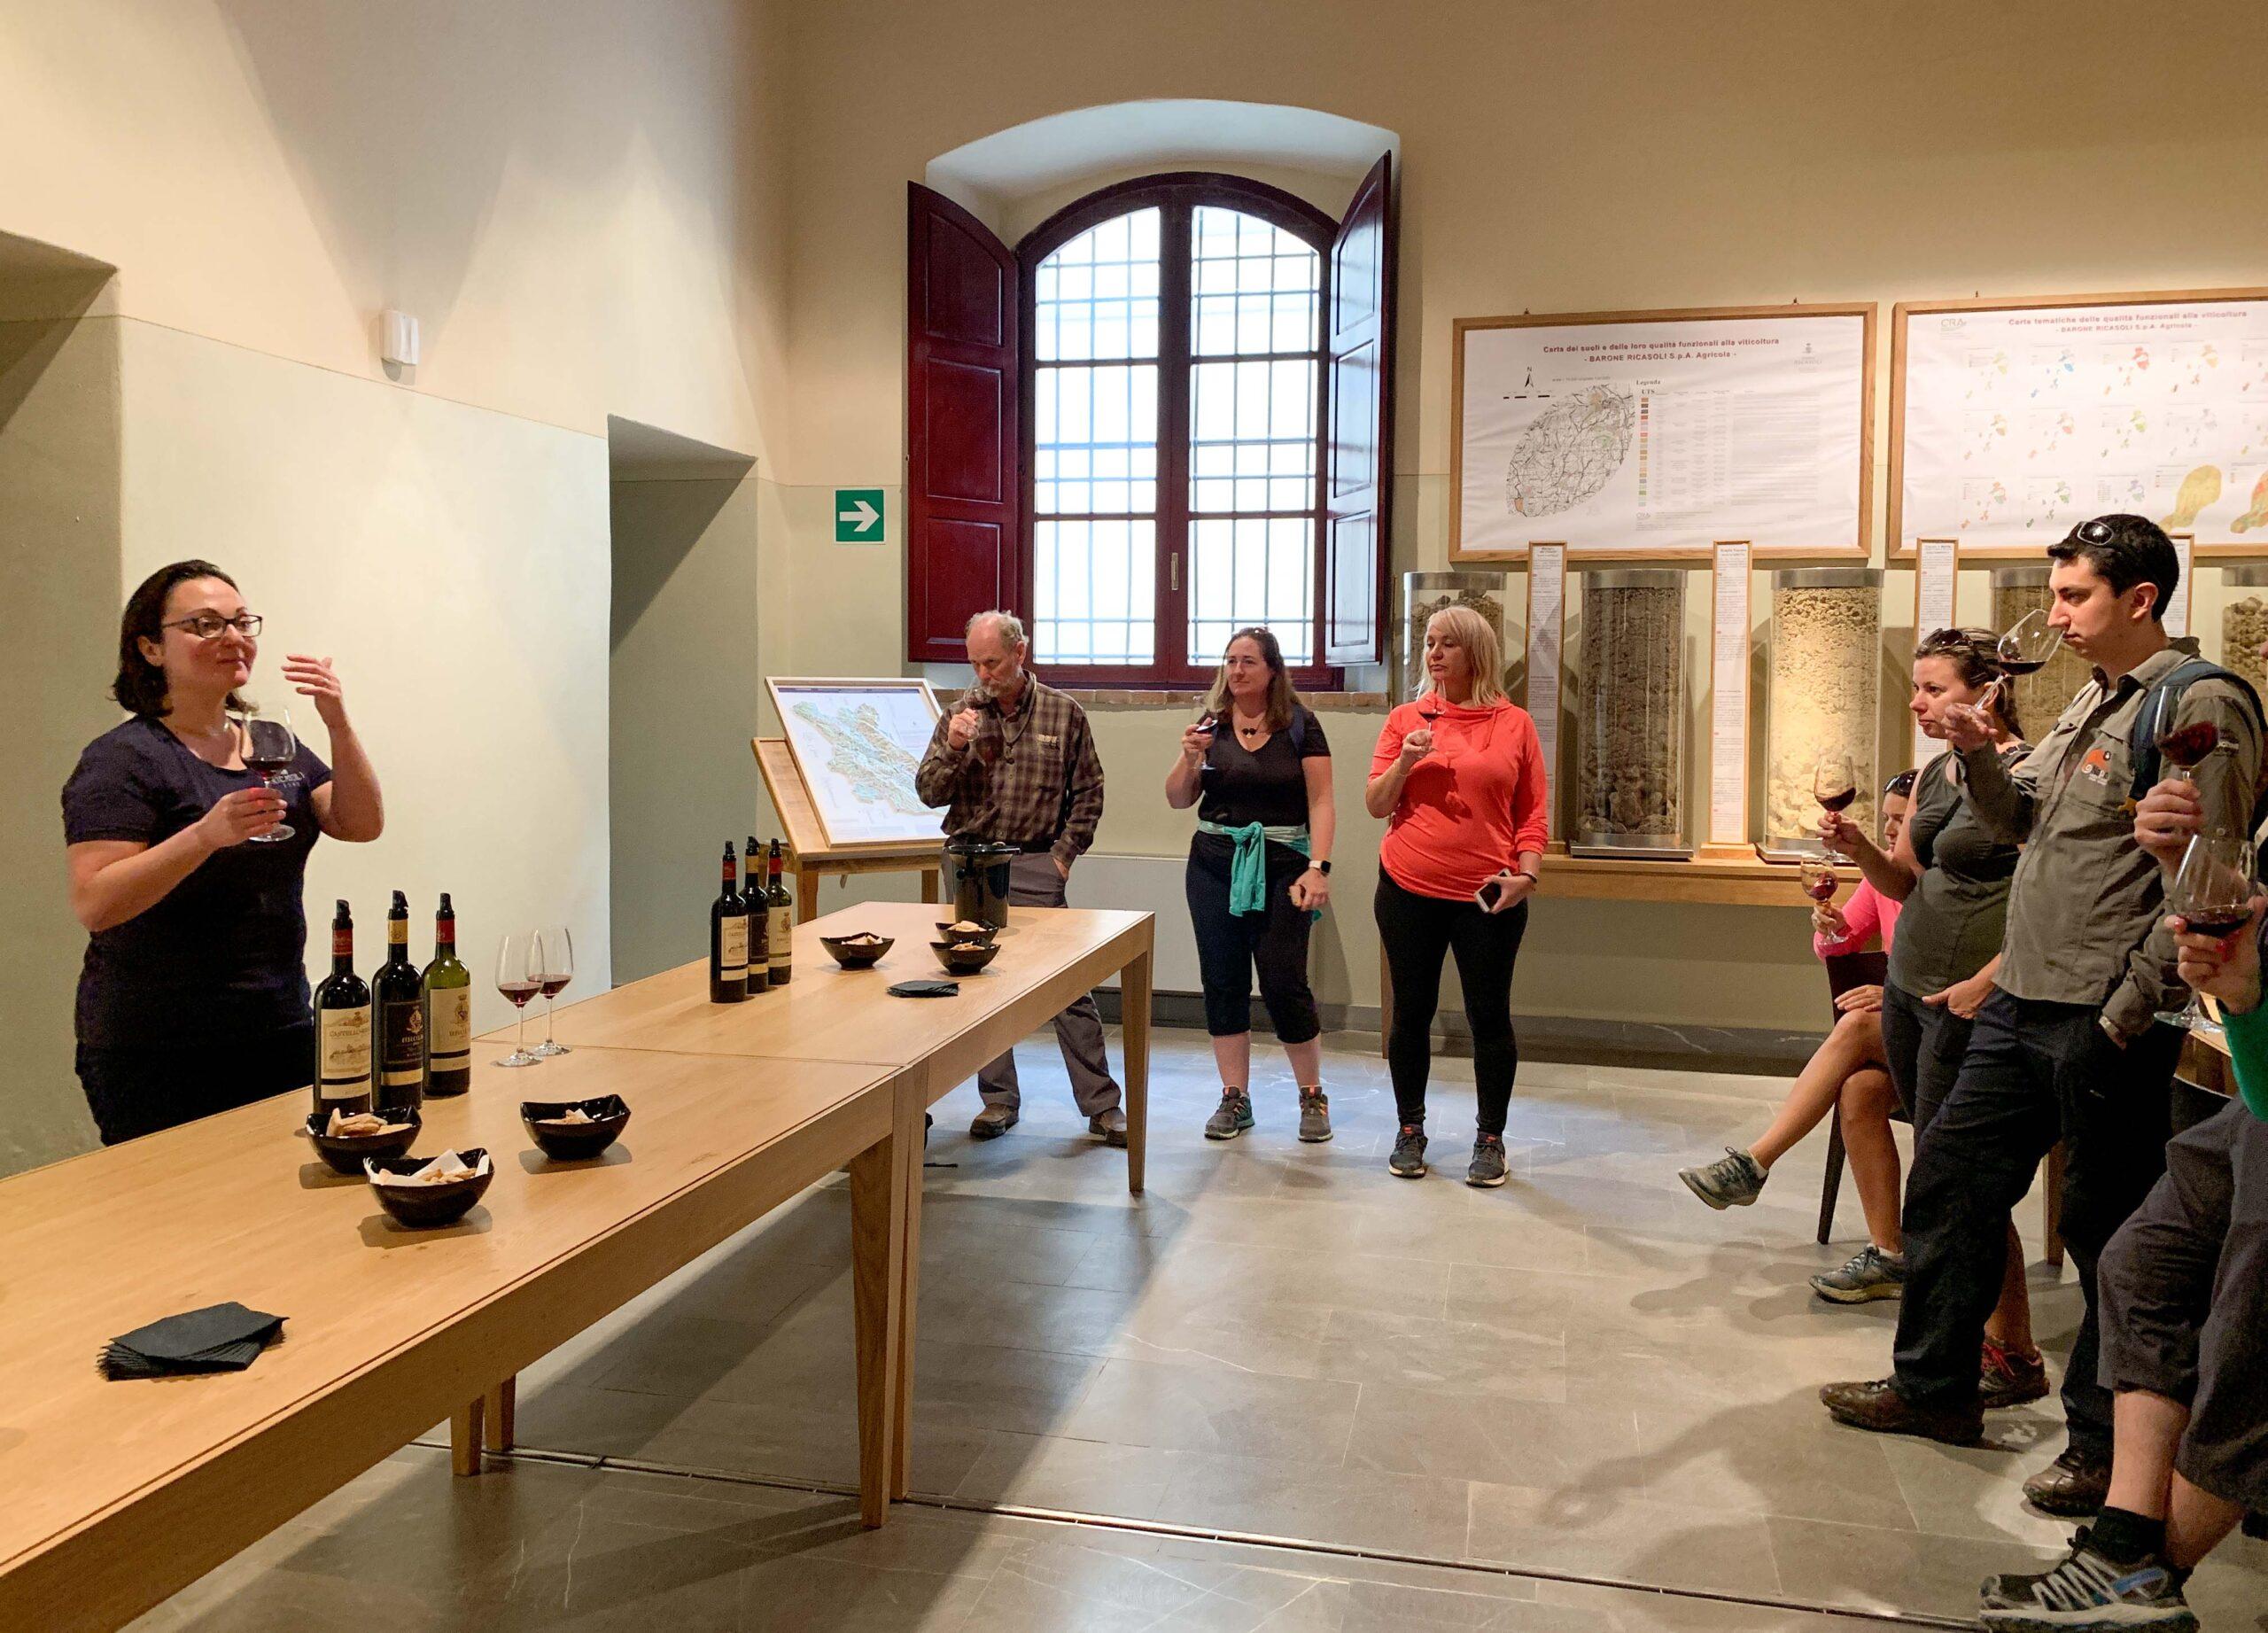 A wine tasting at Enoteca del Castello di Brolio was a part of our Chianti wine tour.